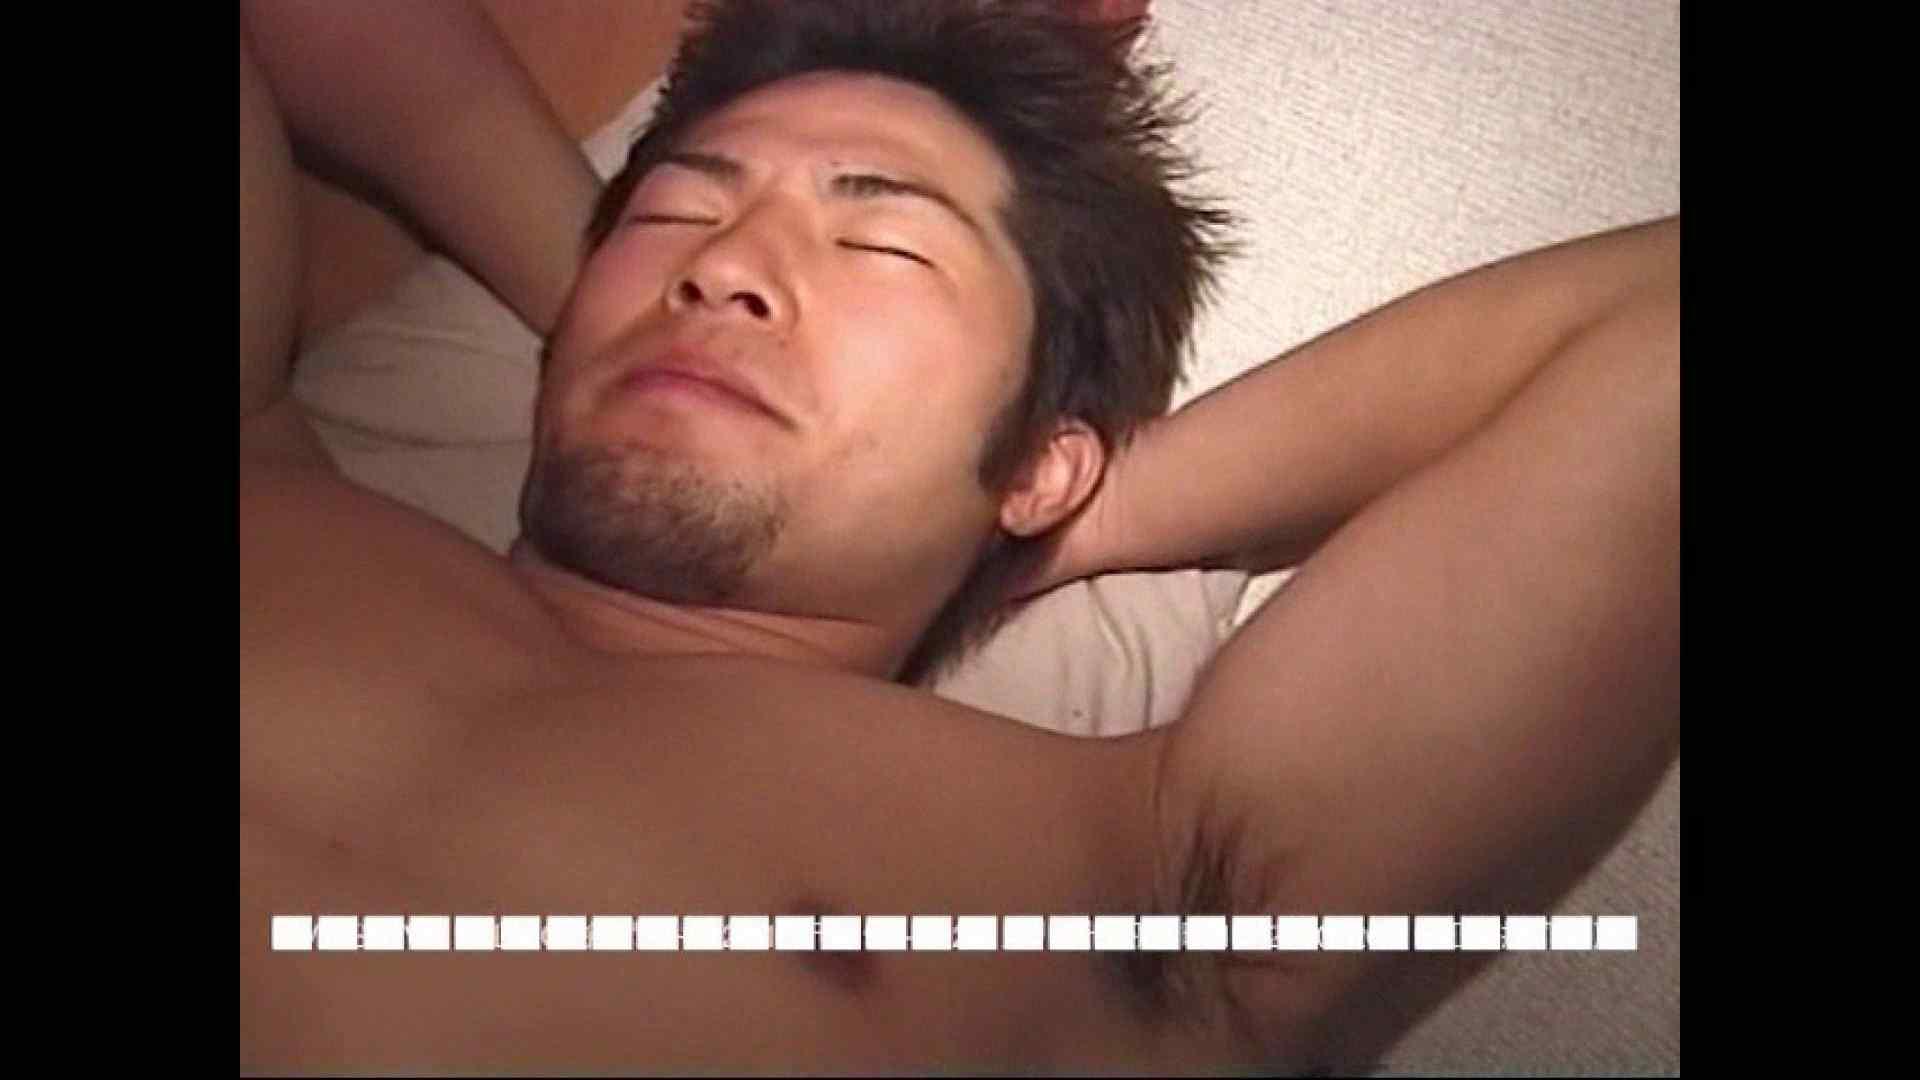 オナれ!集まれ!イケてるメンズ達!!File.20 男天国 | ノンケボーイズ  97pic 91